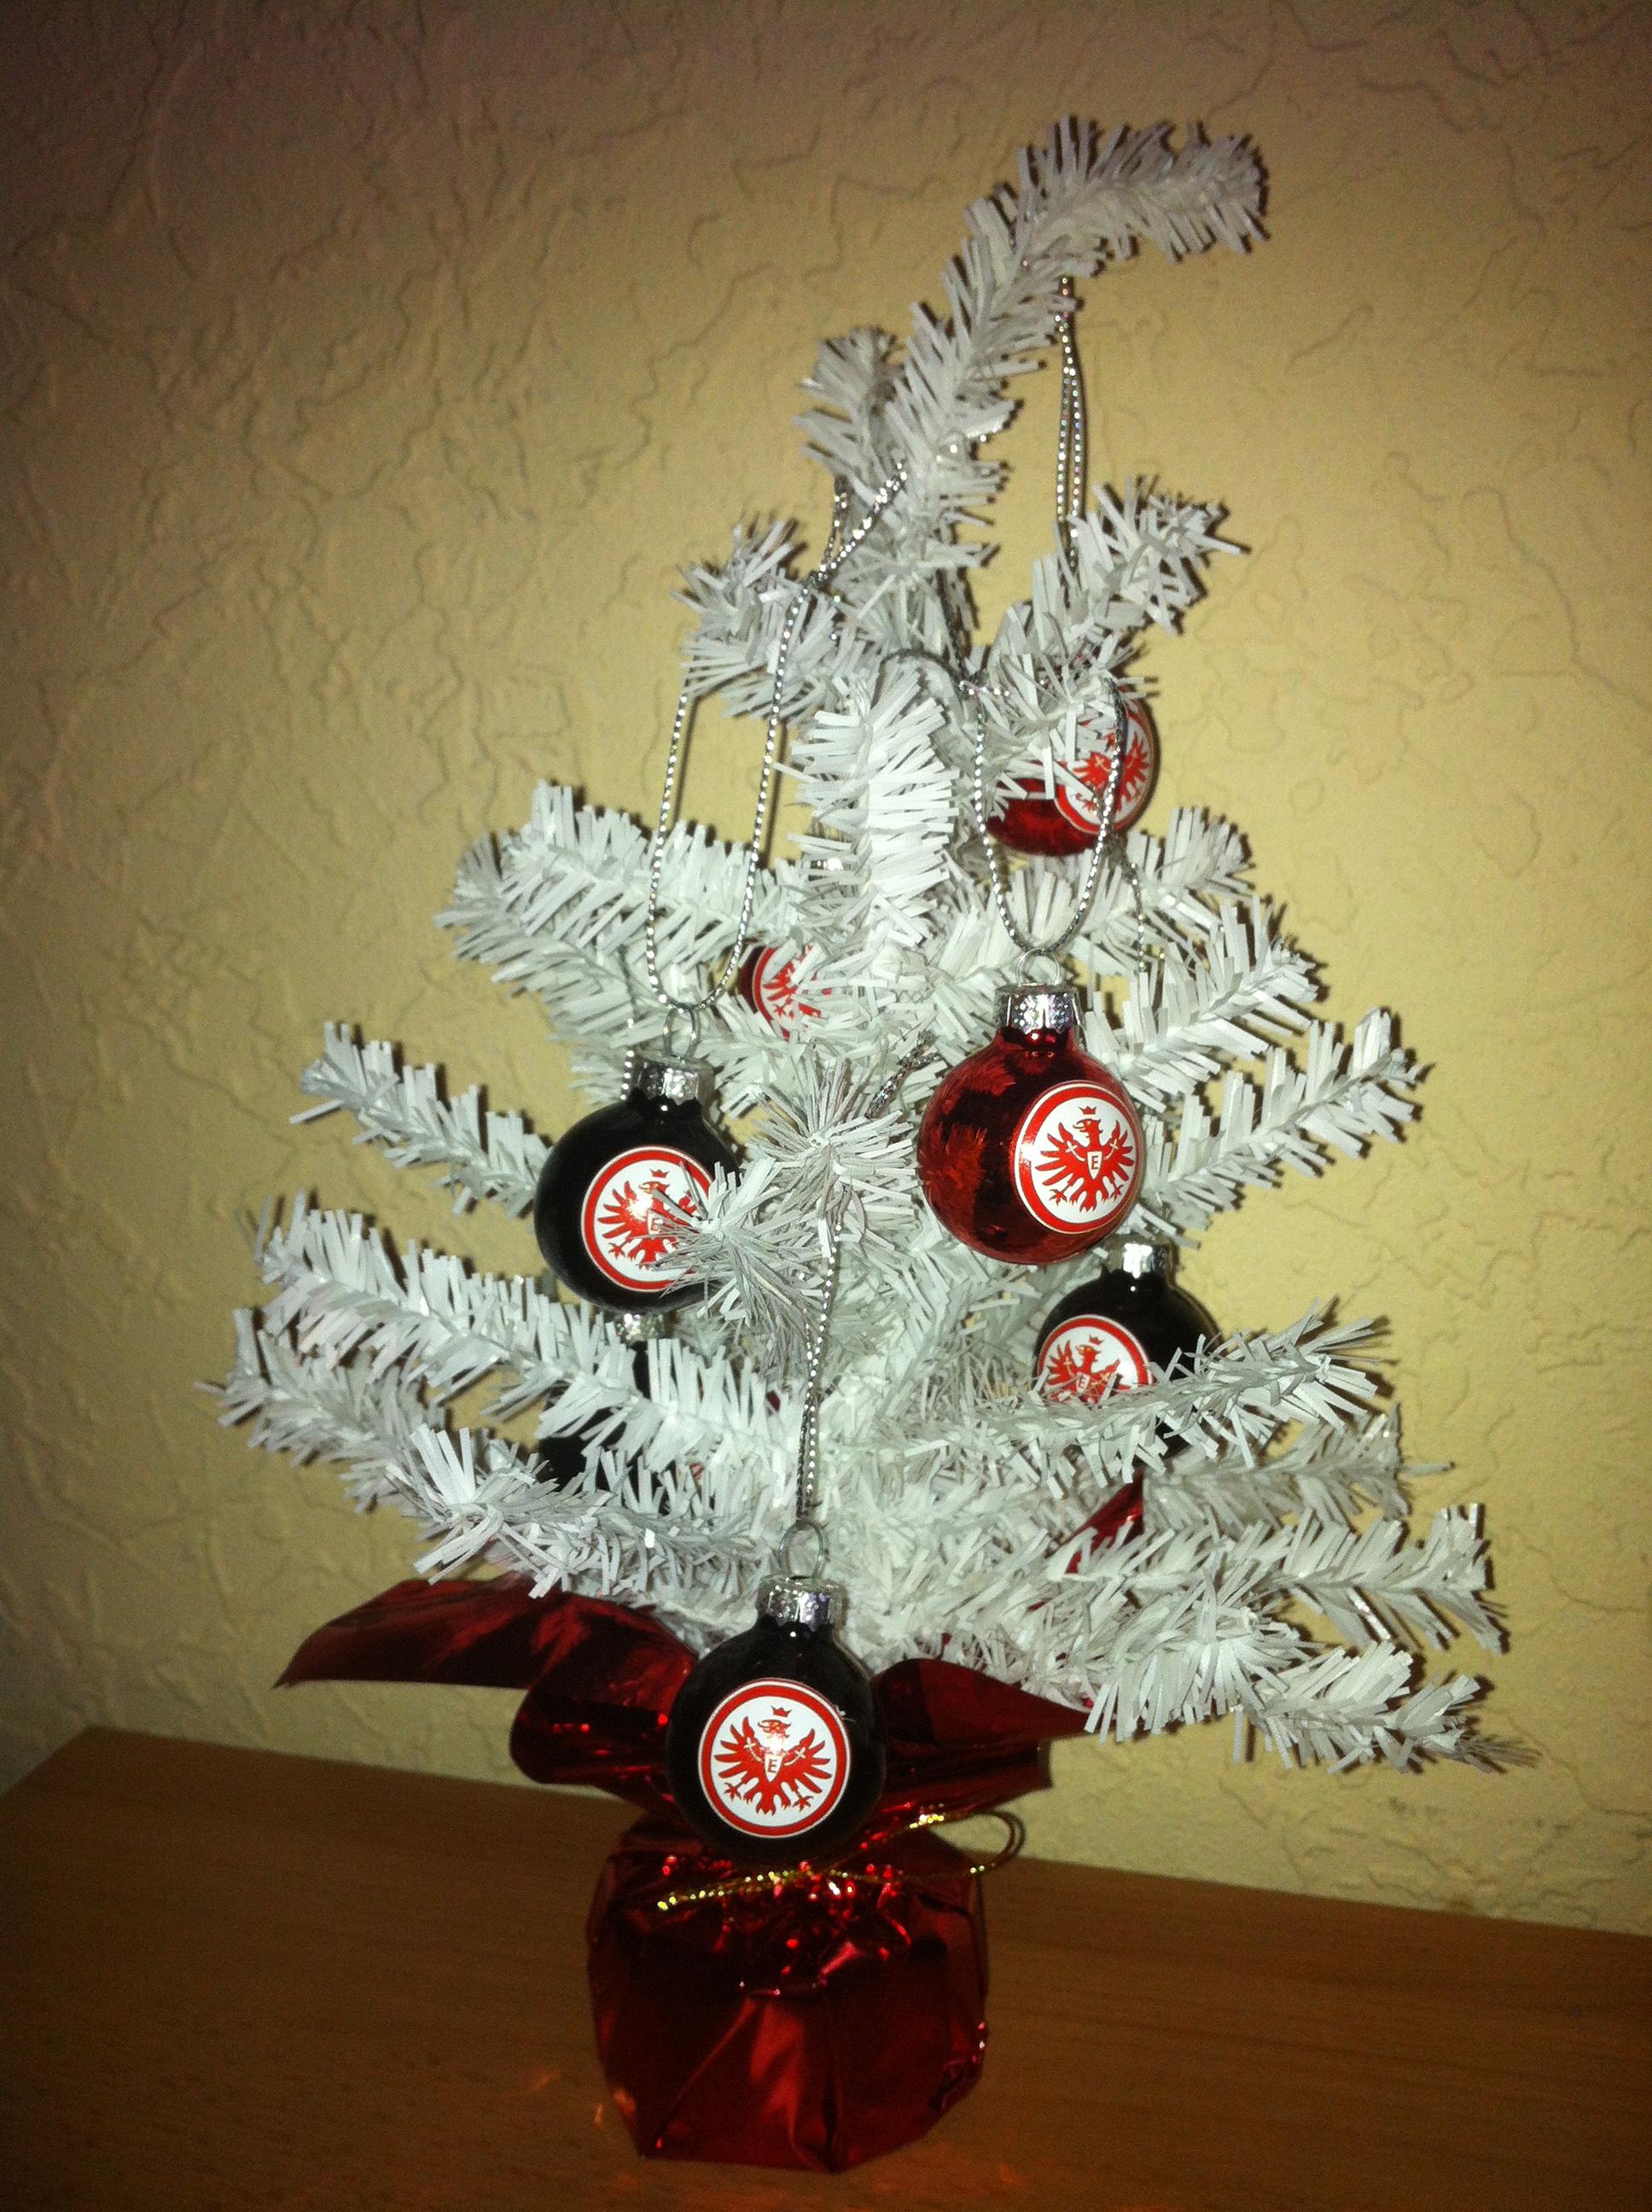 Weihnachtsbaum Frankfurt.Eintracht Weihnachtsbaum Sge4ever De Das Onlinemagazin über